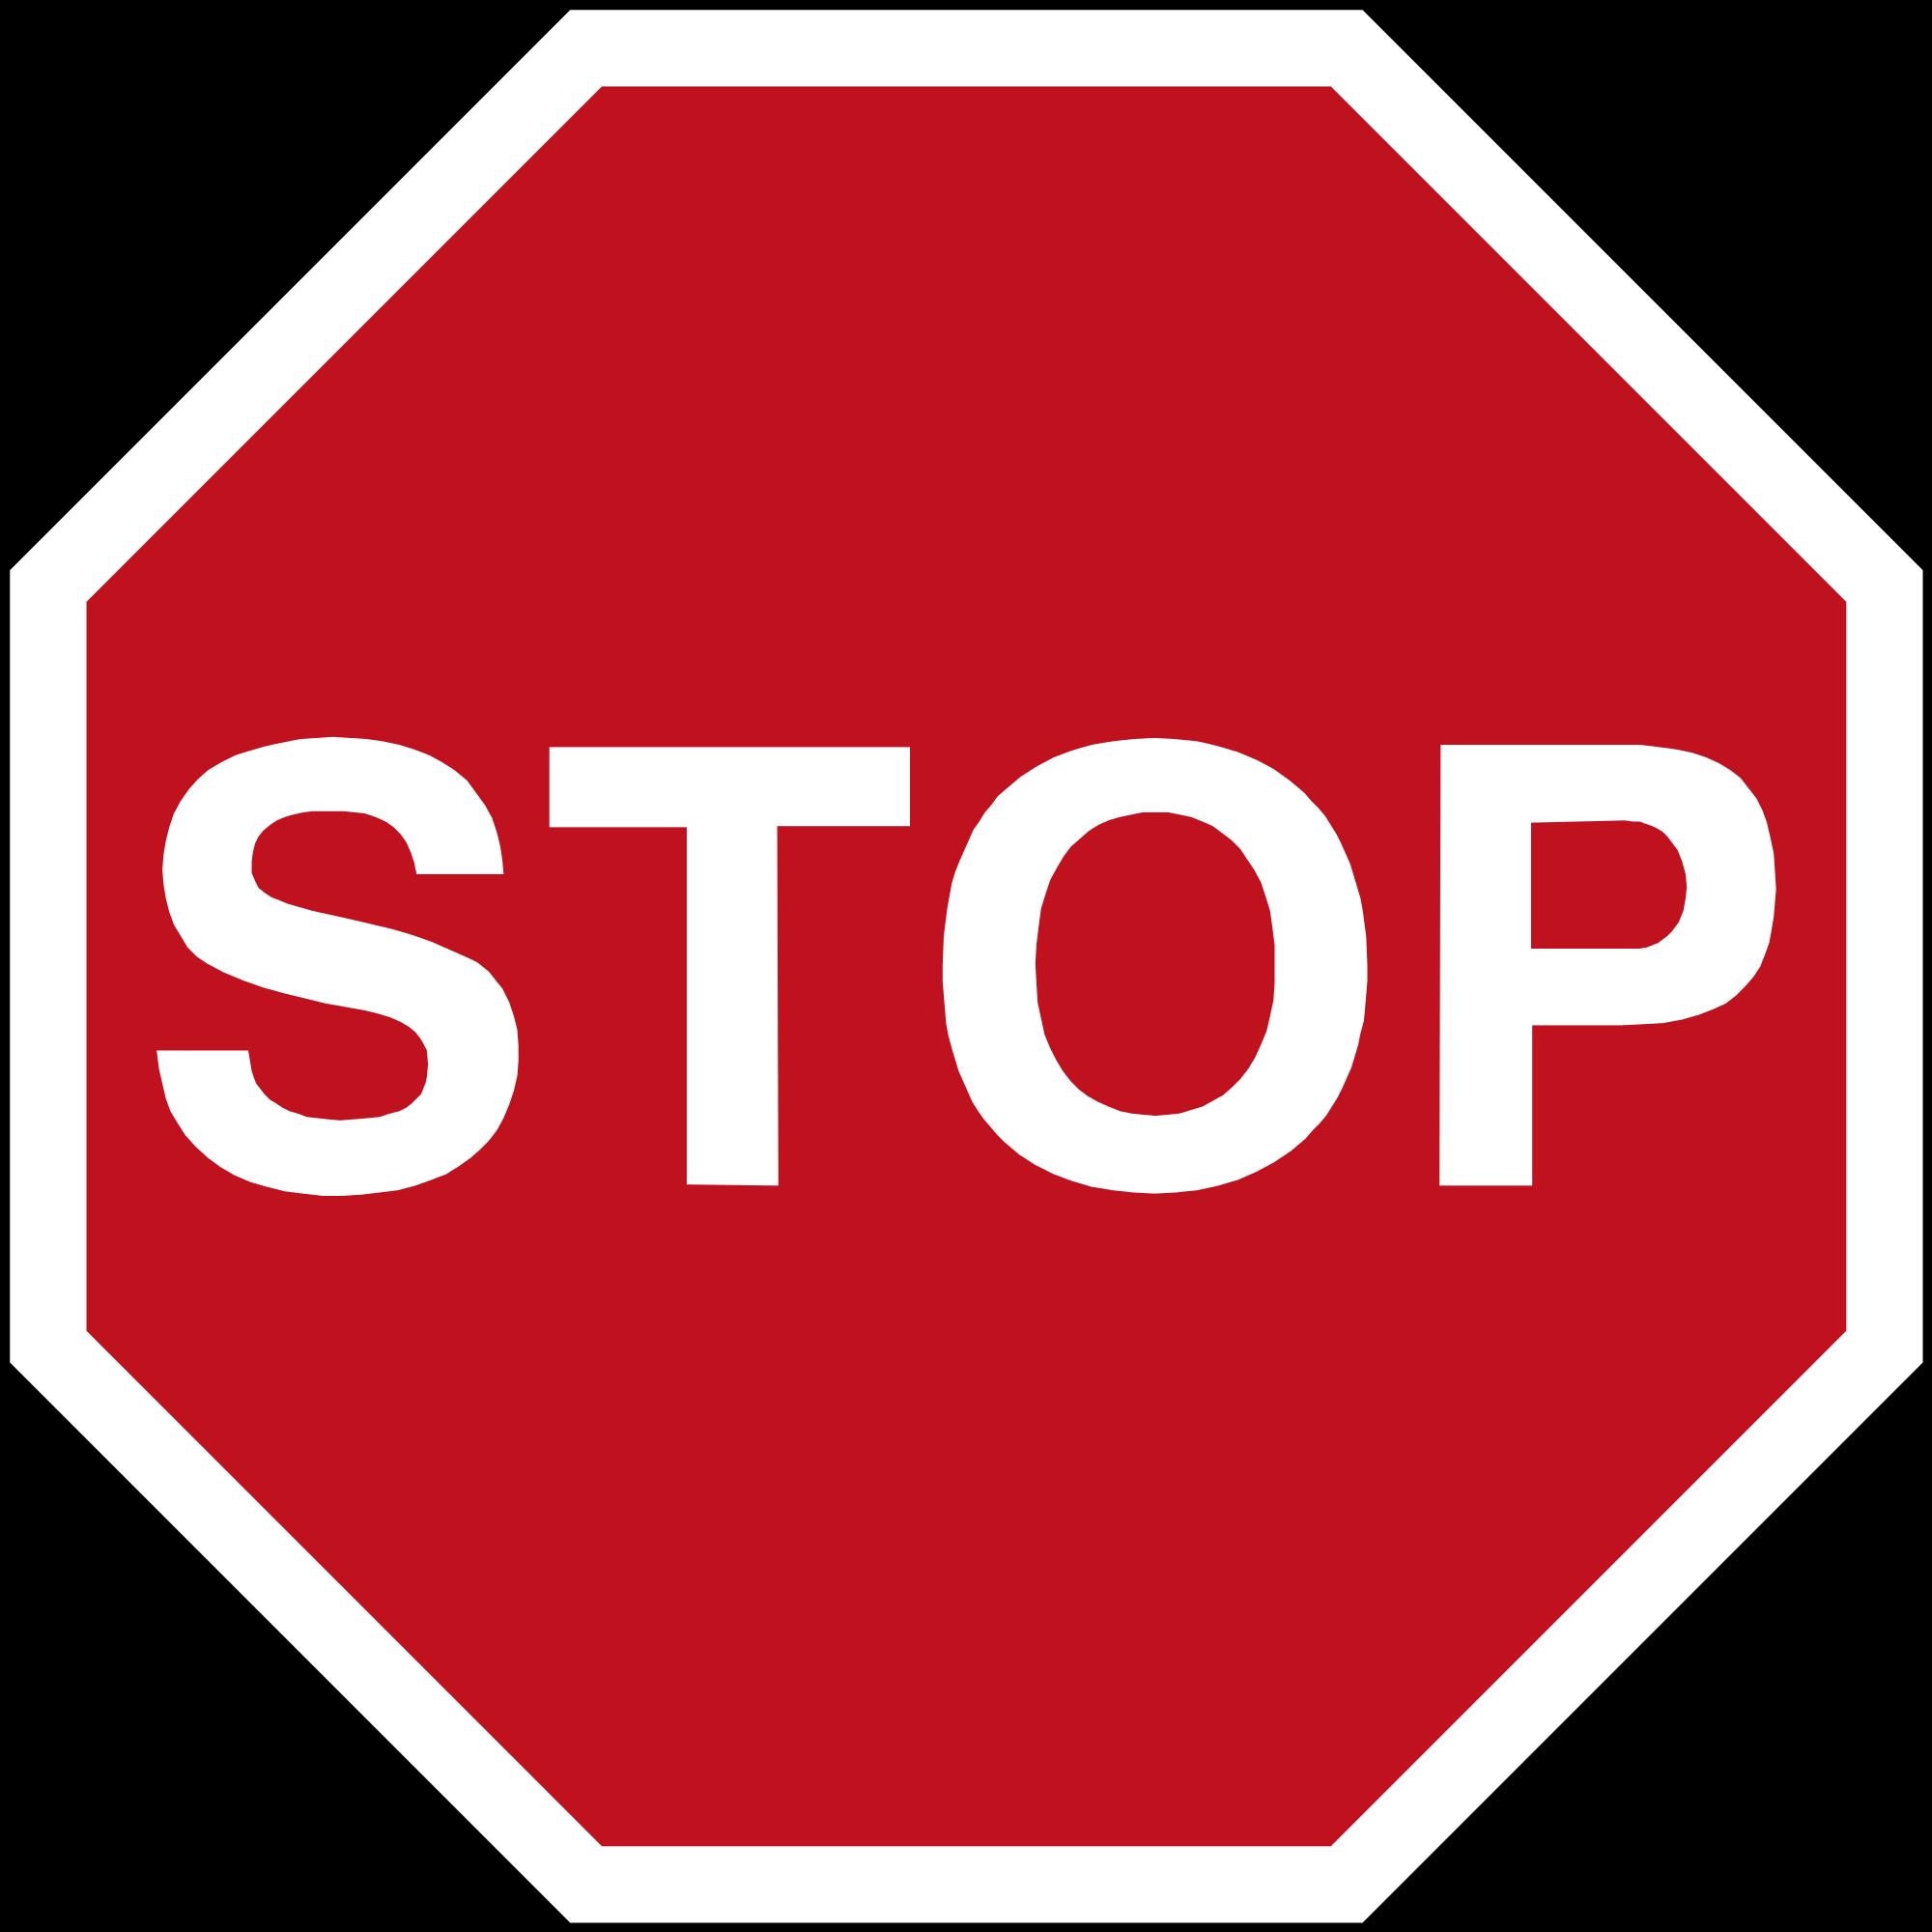 Safe road safety